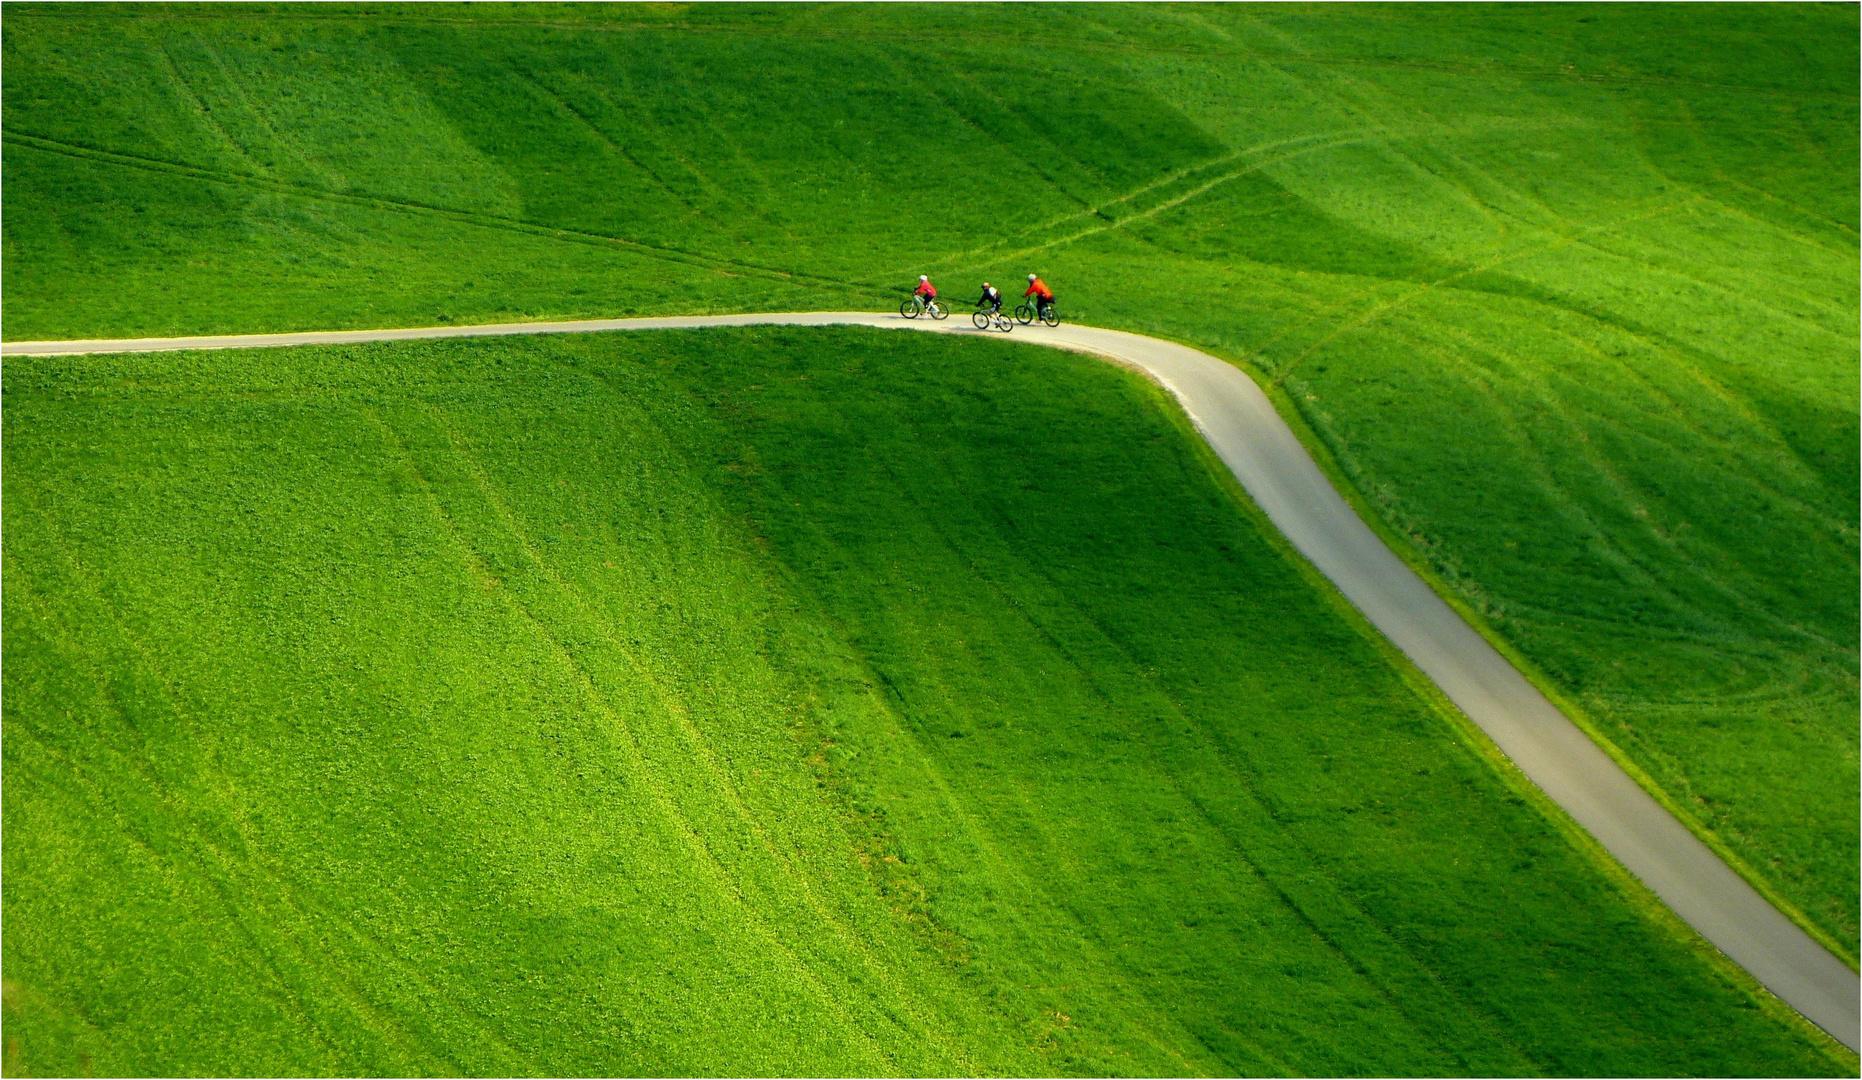 Alles Im Grünen Bereich Foto Bild Sport Grün Natur Bilder Auf